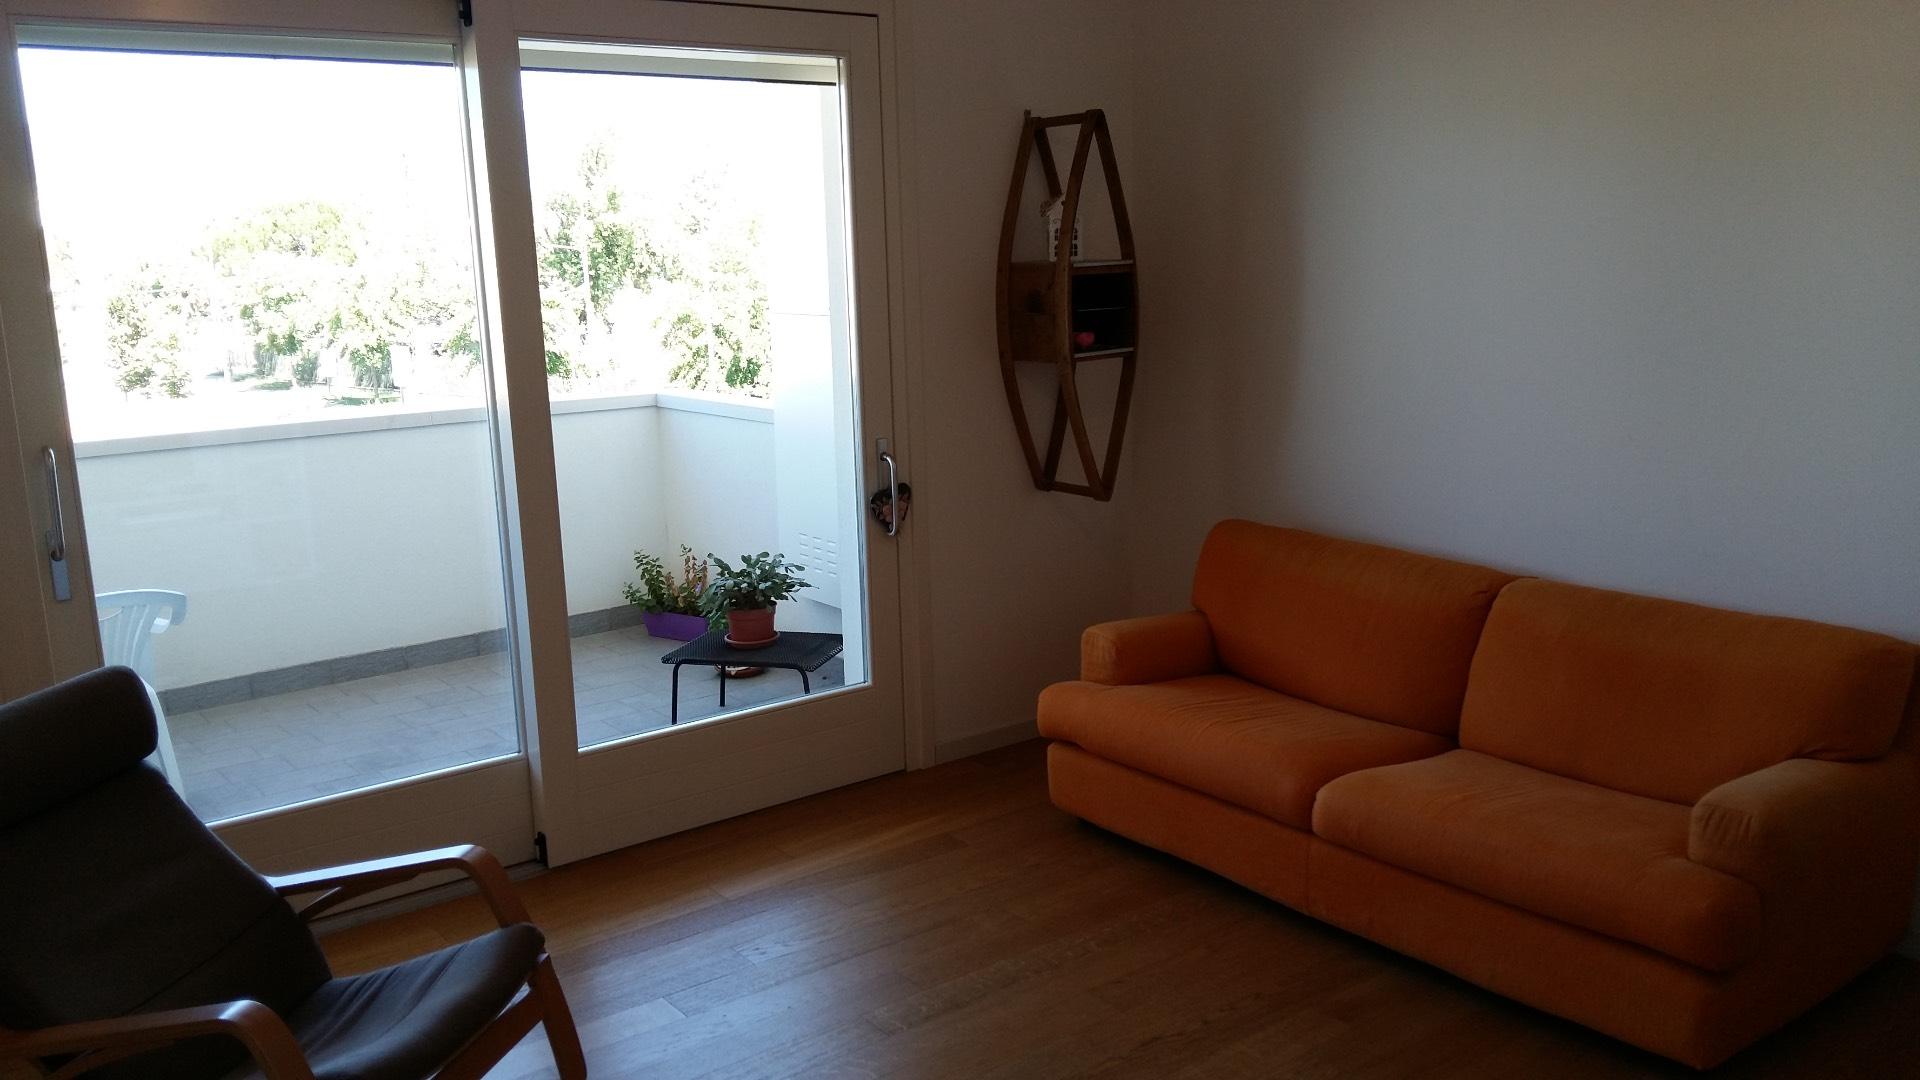 Appartamento in vendita a Conegliano, 5 locali, zona Località: Conegliano, prezzo € 188.000 | Cambio Casa.it